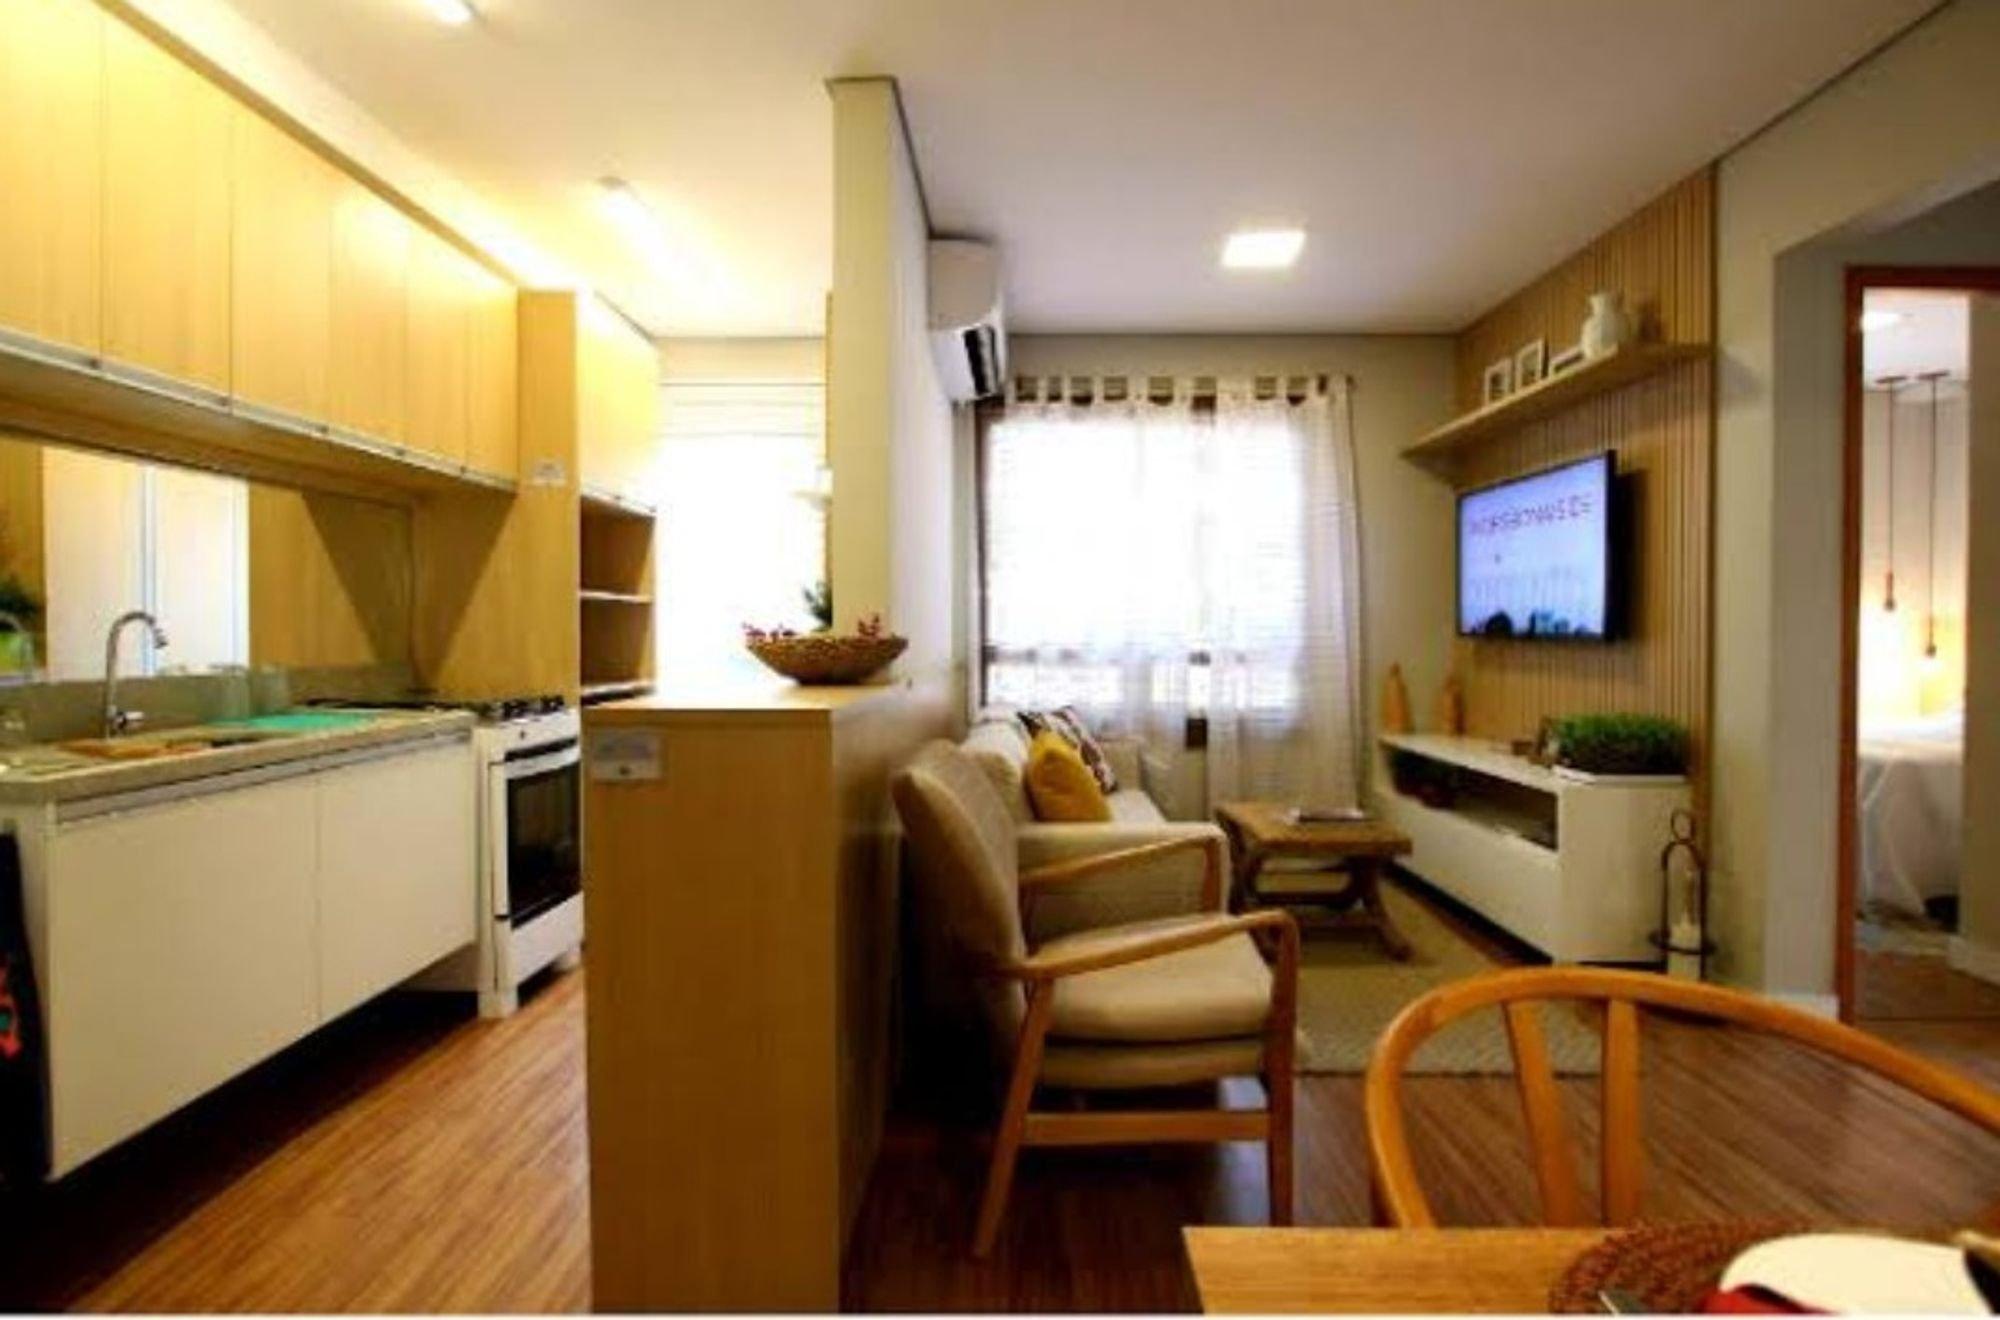 Foto de Cozinha com vaso de planta, forno, tigela, pia, cadeira